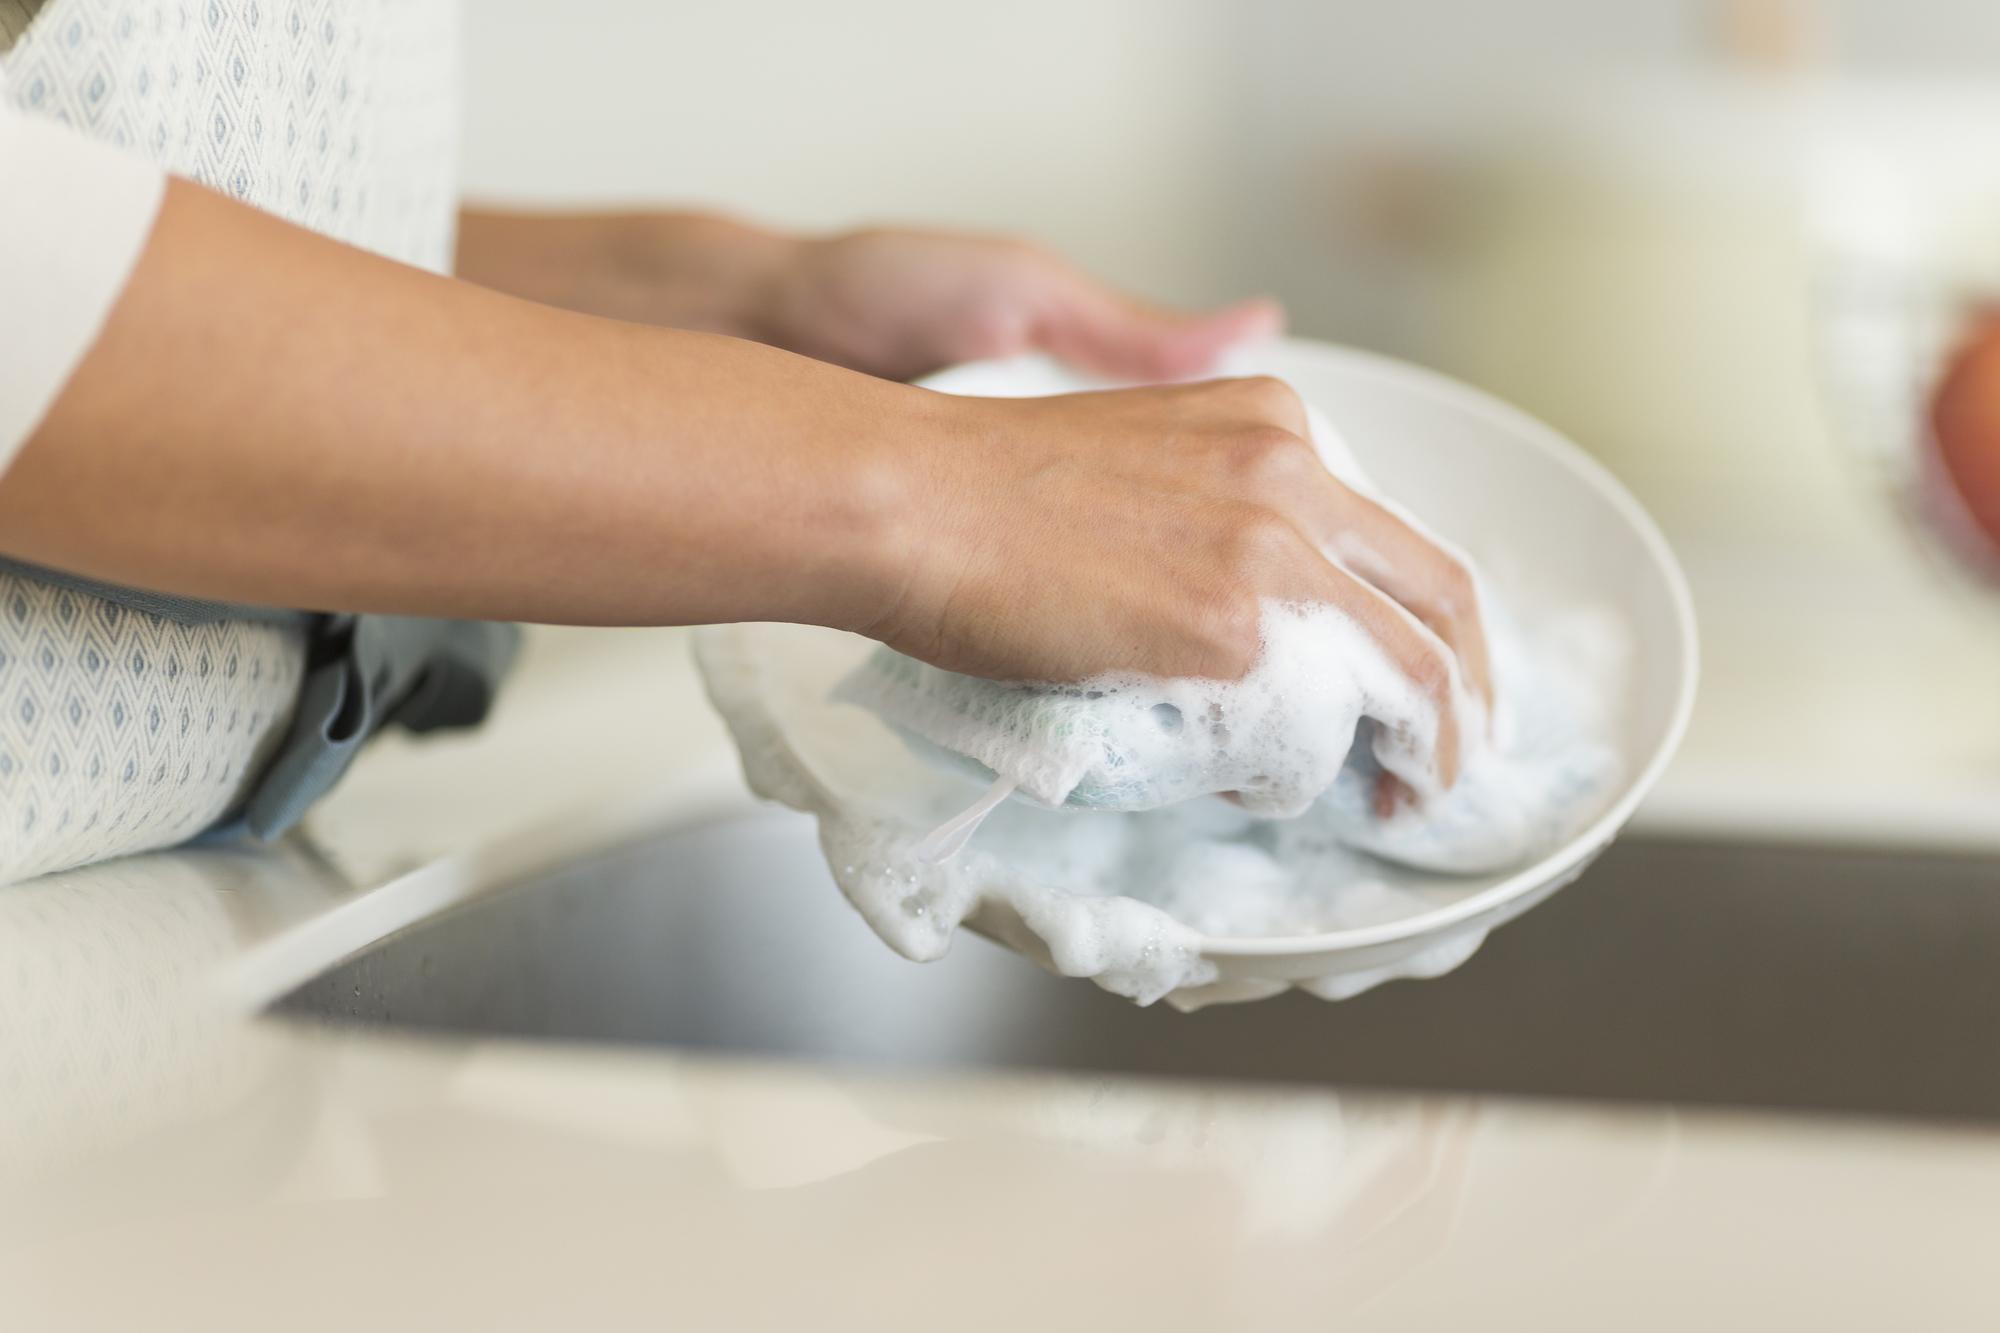 家事代行・家政婦サービス導入をご検討の皆様へイメージ画像1